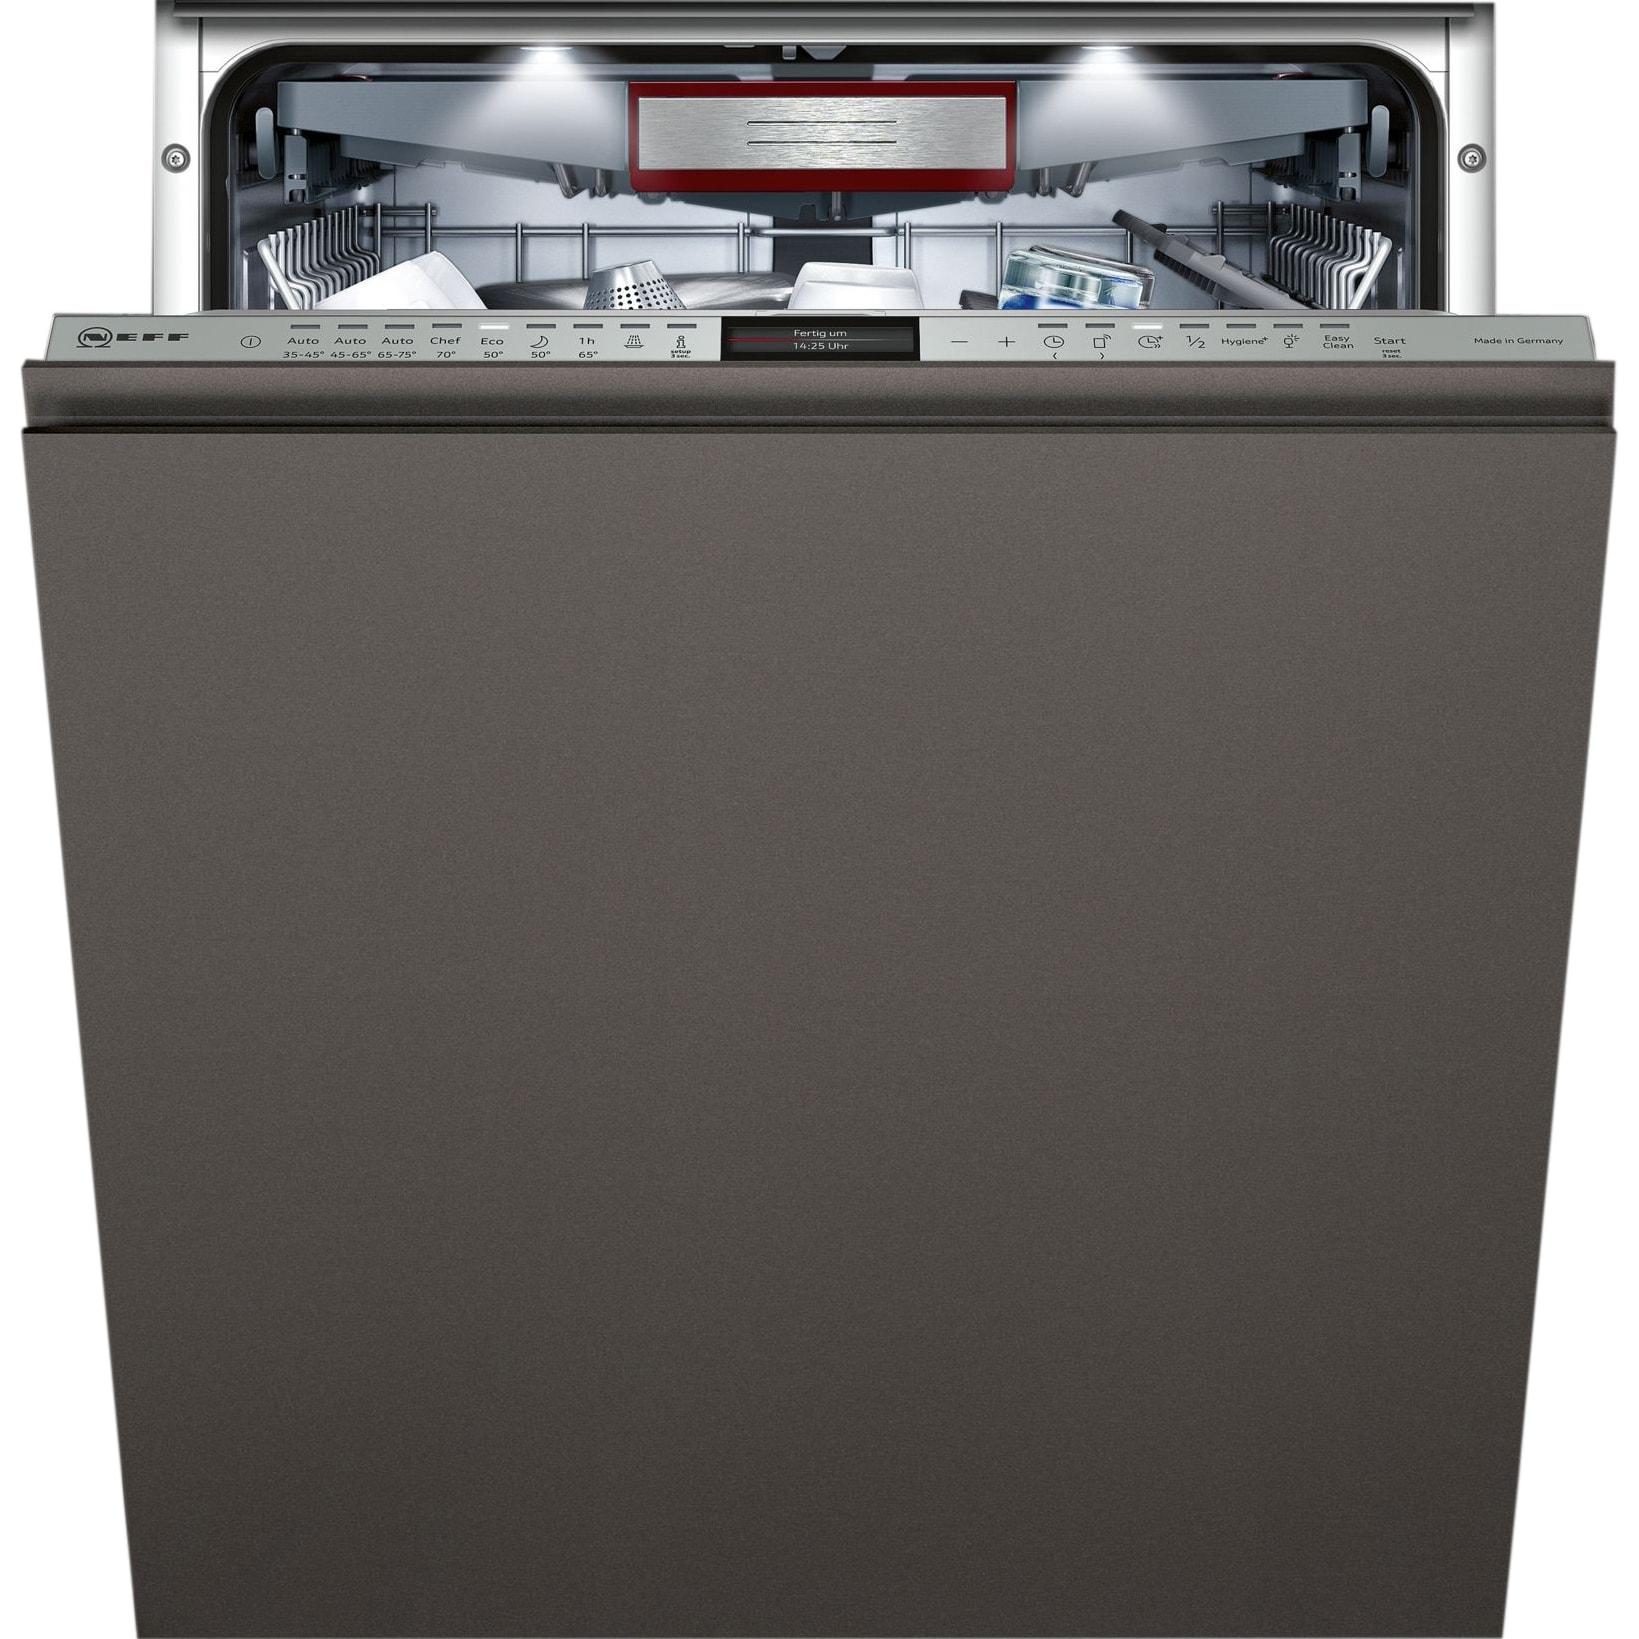 Фото - Посудомоечная машина Neff S517T80D6R встраиваемая посудомоечная машина neff s513f60x2r